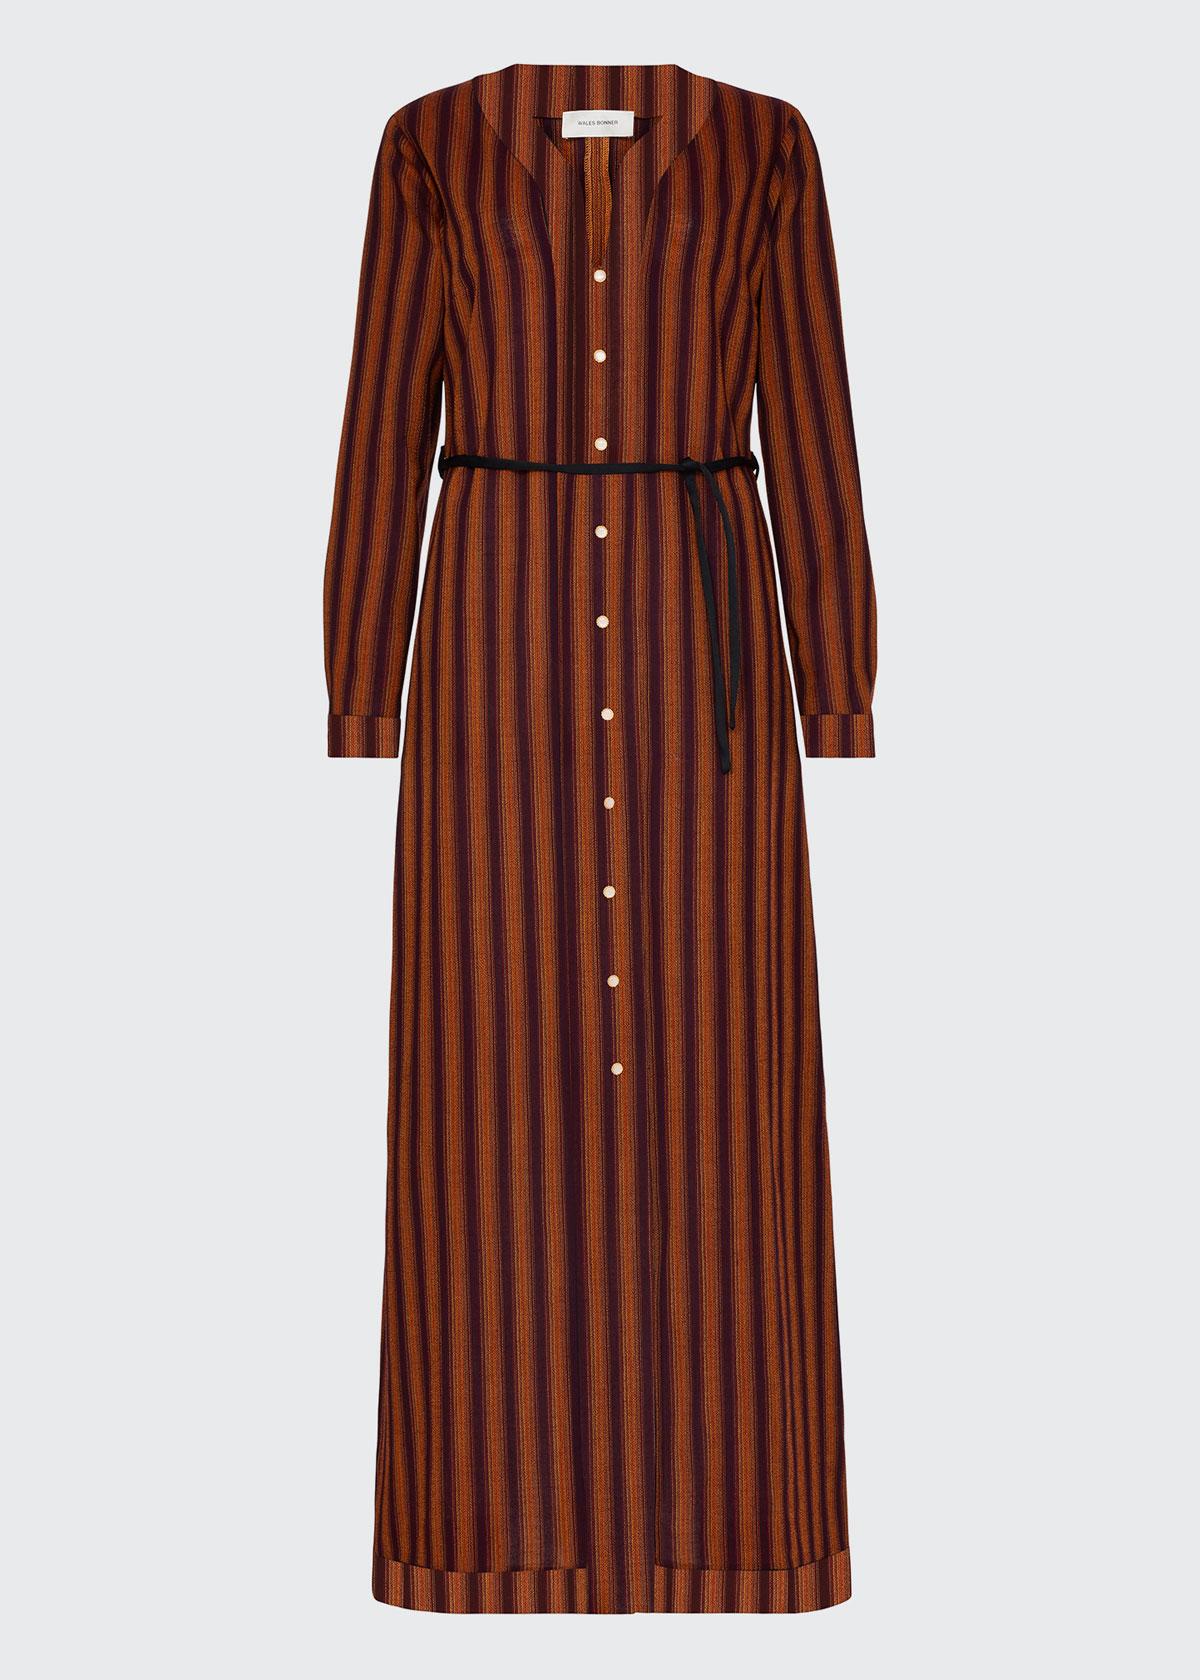 Wales Bonner KINGSTON STRIPED WOOL CAFTAN DRESS